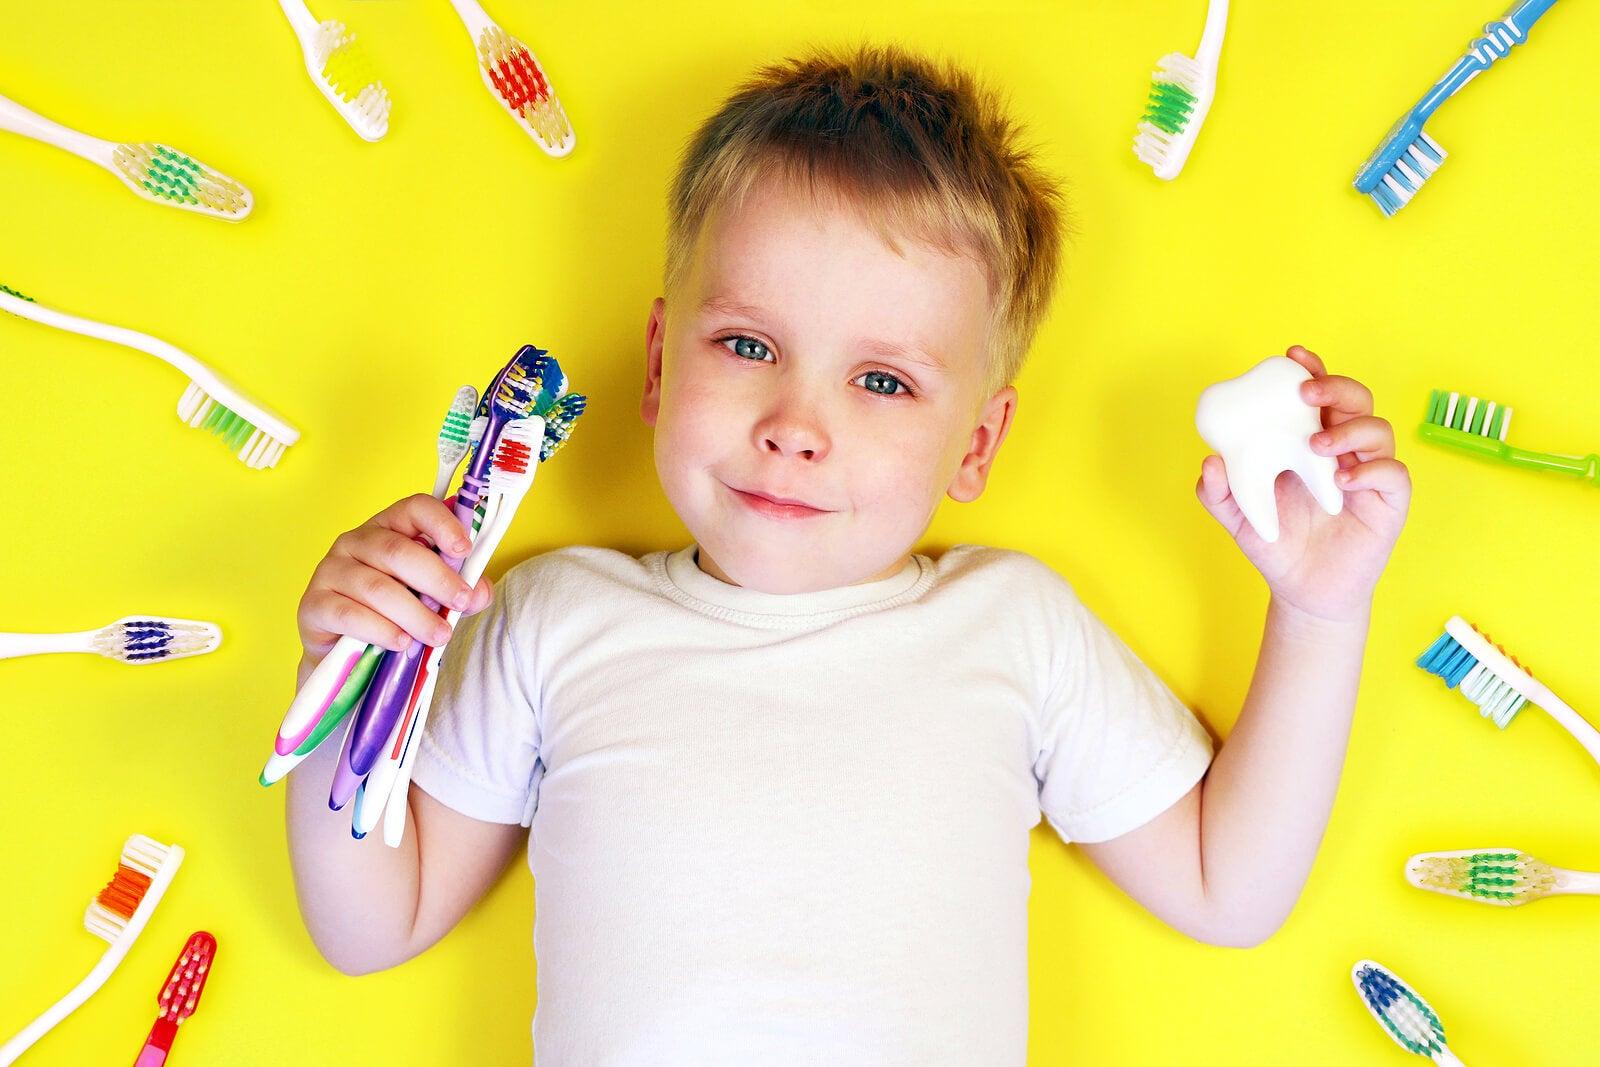 Niño con una buena salud bucodental gracias al enjuague bucal.